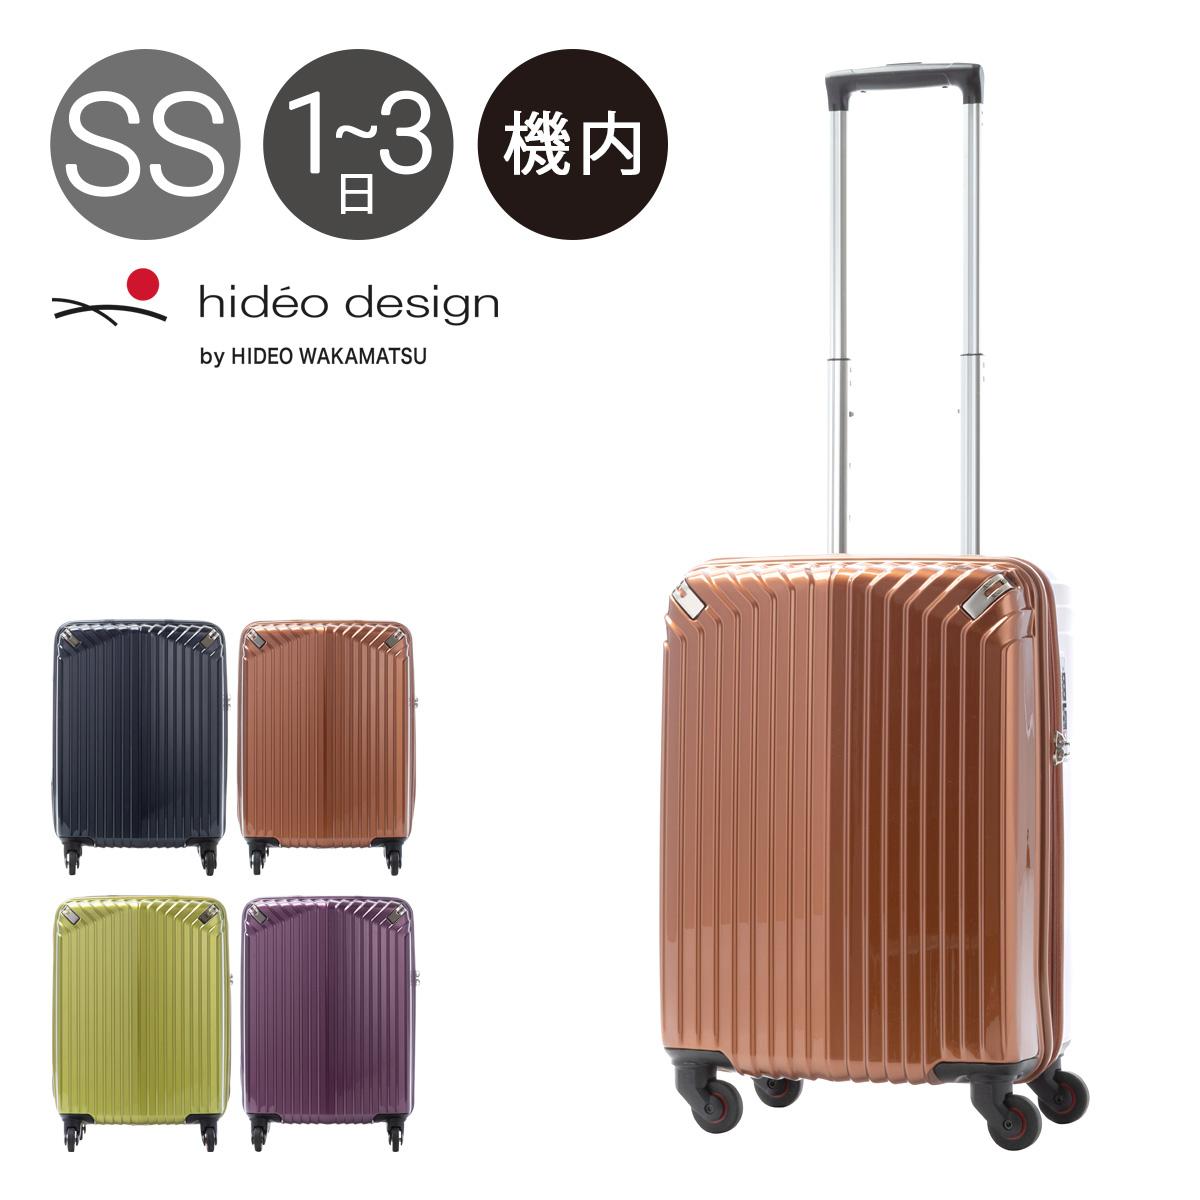 ヒデオデザイン スーツケース インライト|34L 48cm 2.6kg85-76460|ハード ファスナー 静音 TSAロック搭載 ヒデオワカマツ キャリーバッグ [PO10][bef]